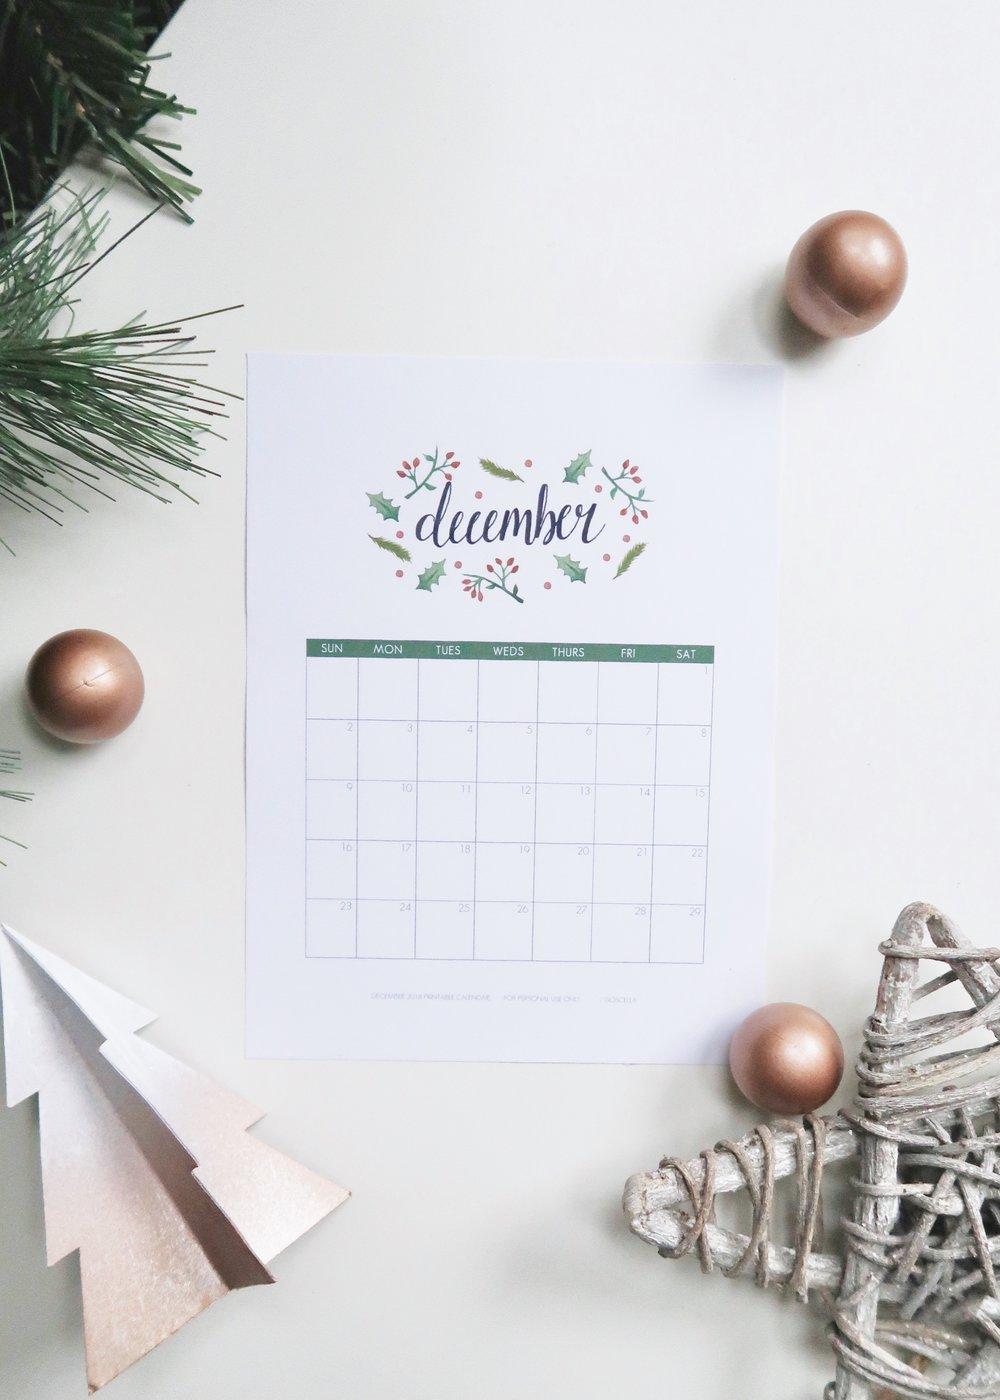 Printable December 2018 Calendar by Isoscella